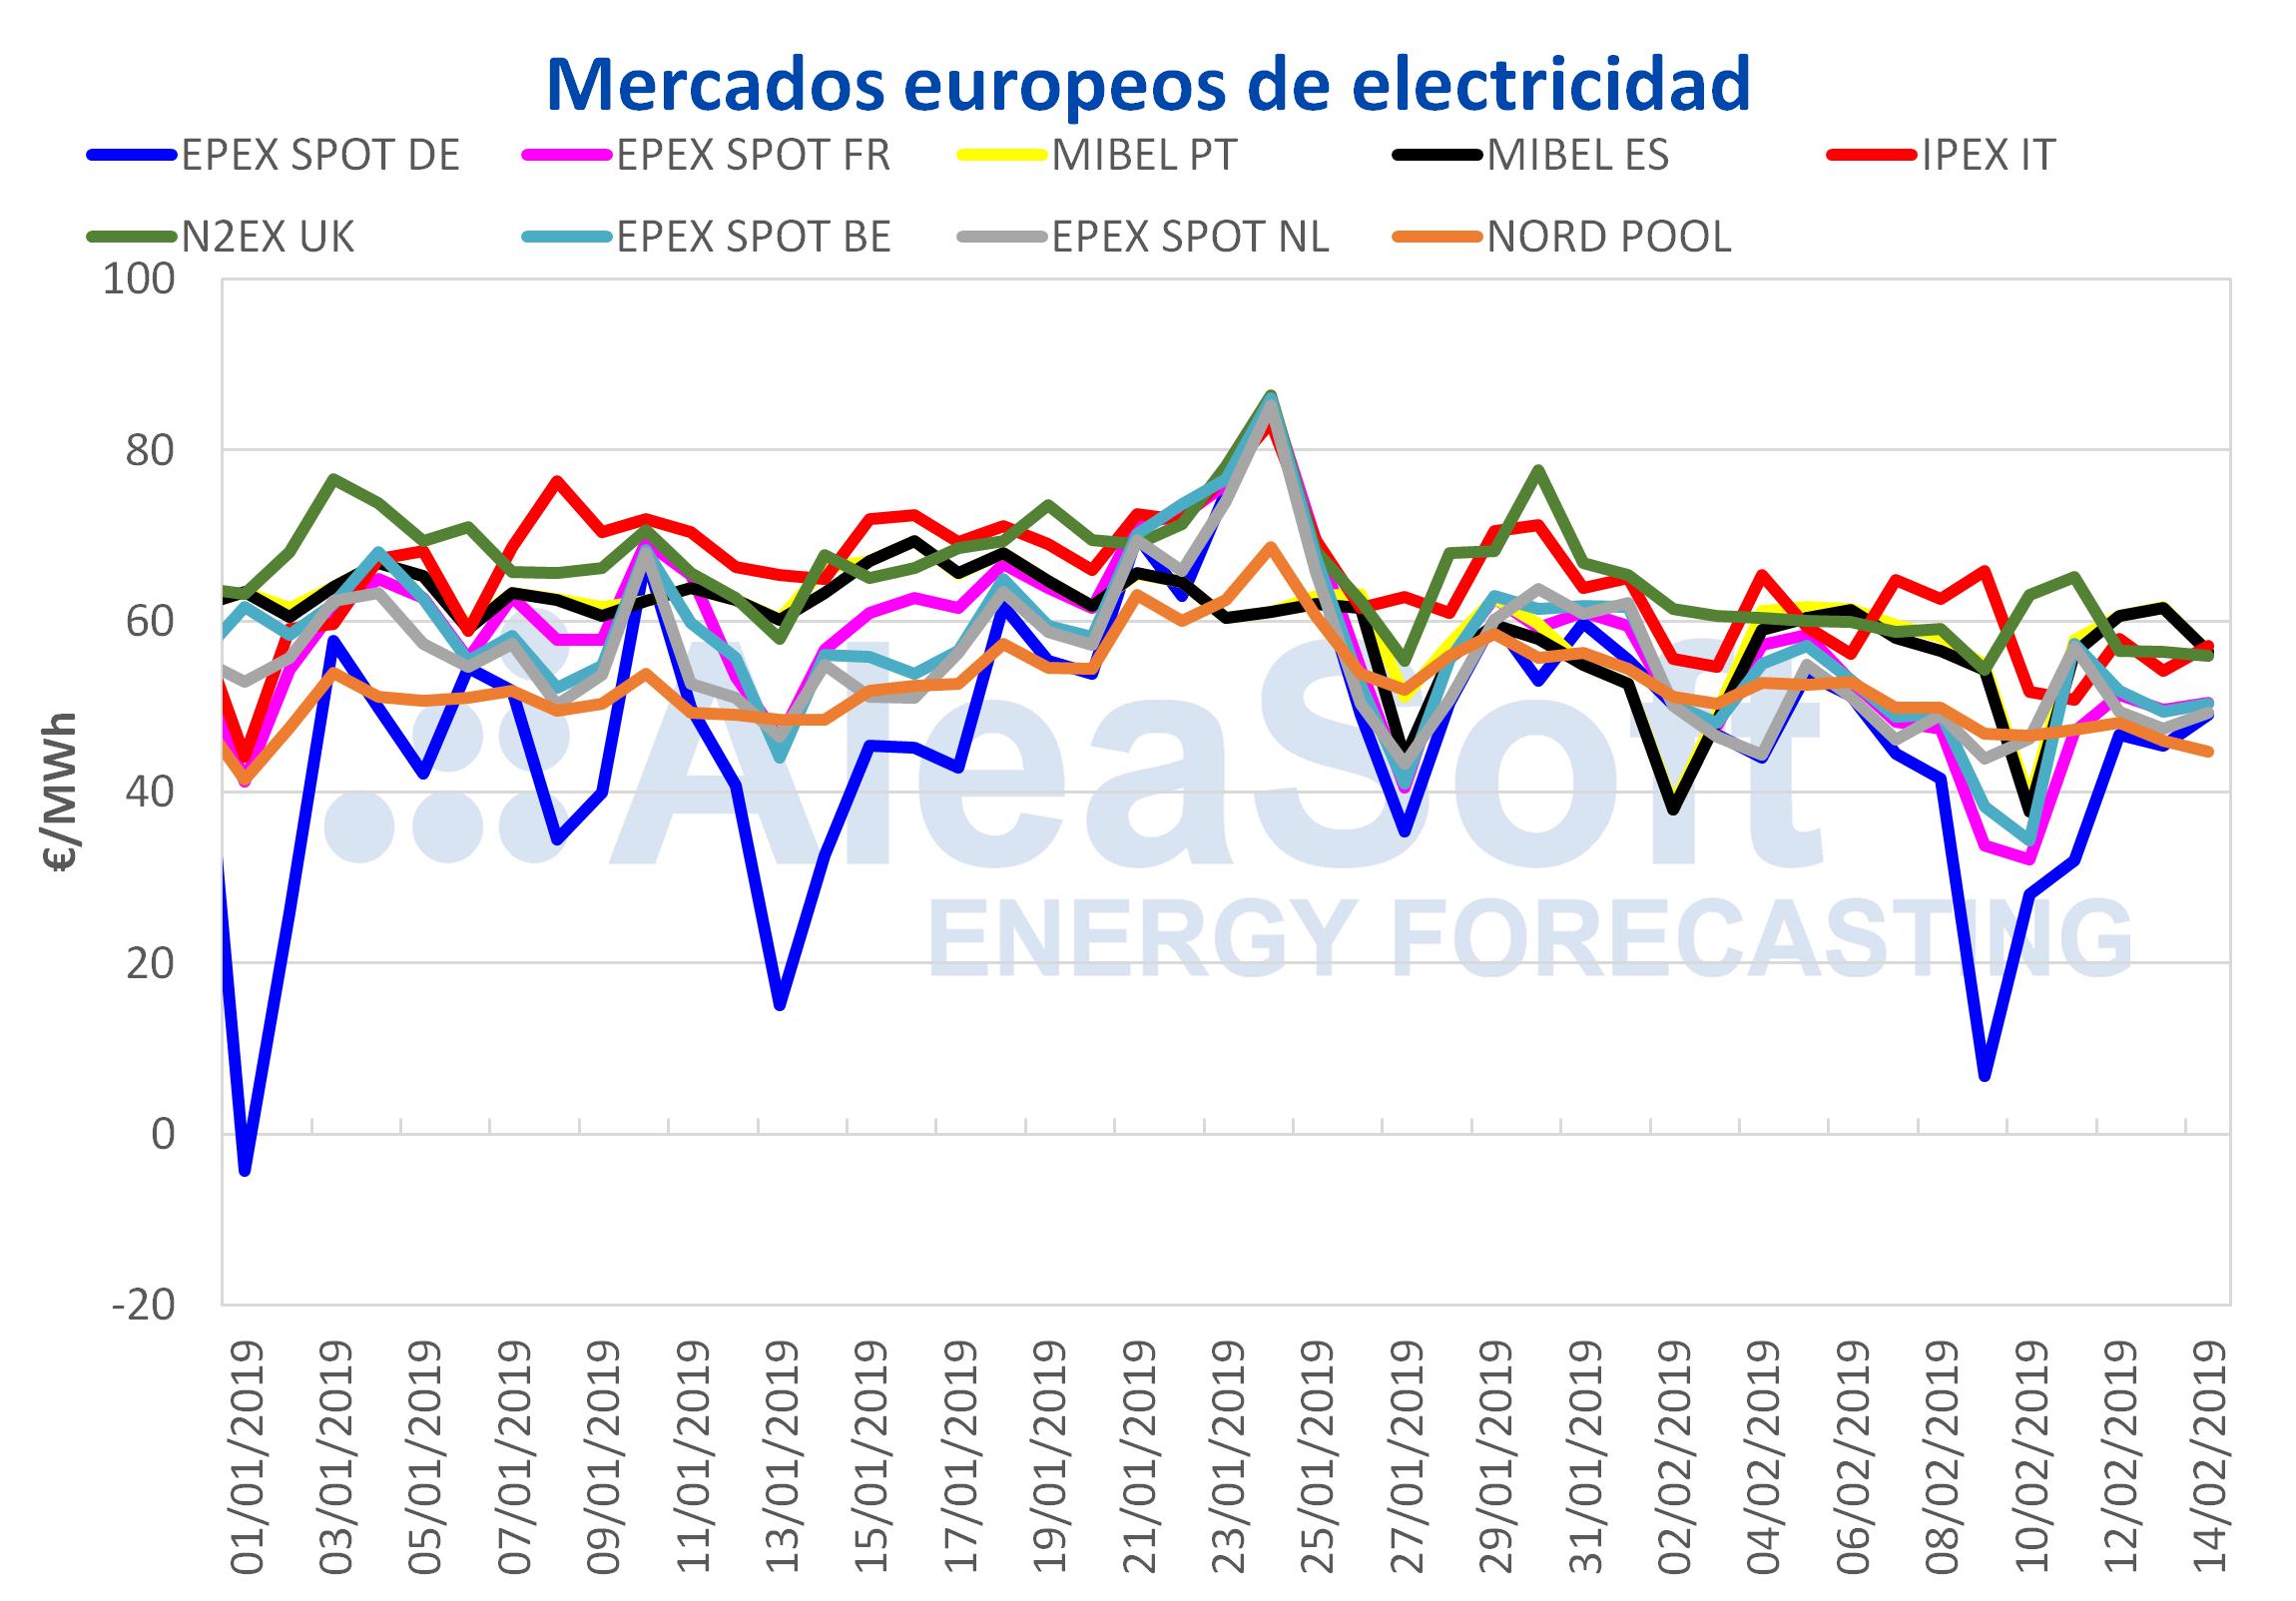 Foto de Aleasoft: gráfico mercados europeos de electricidad